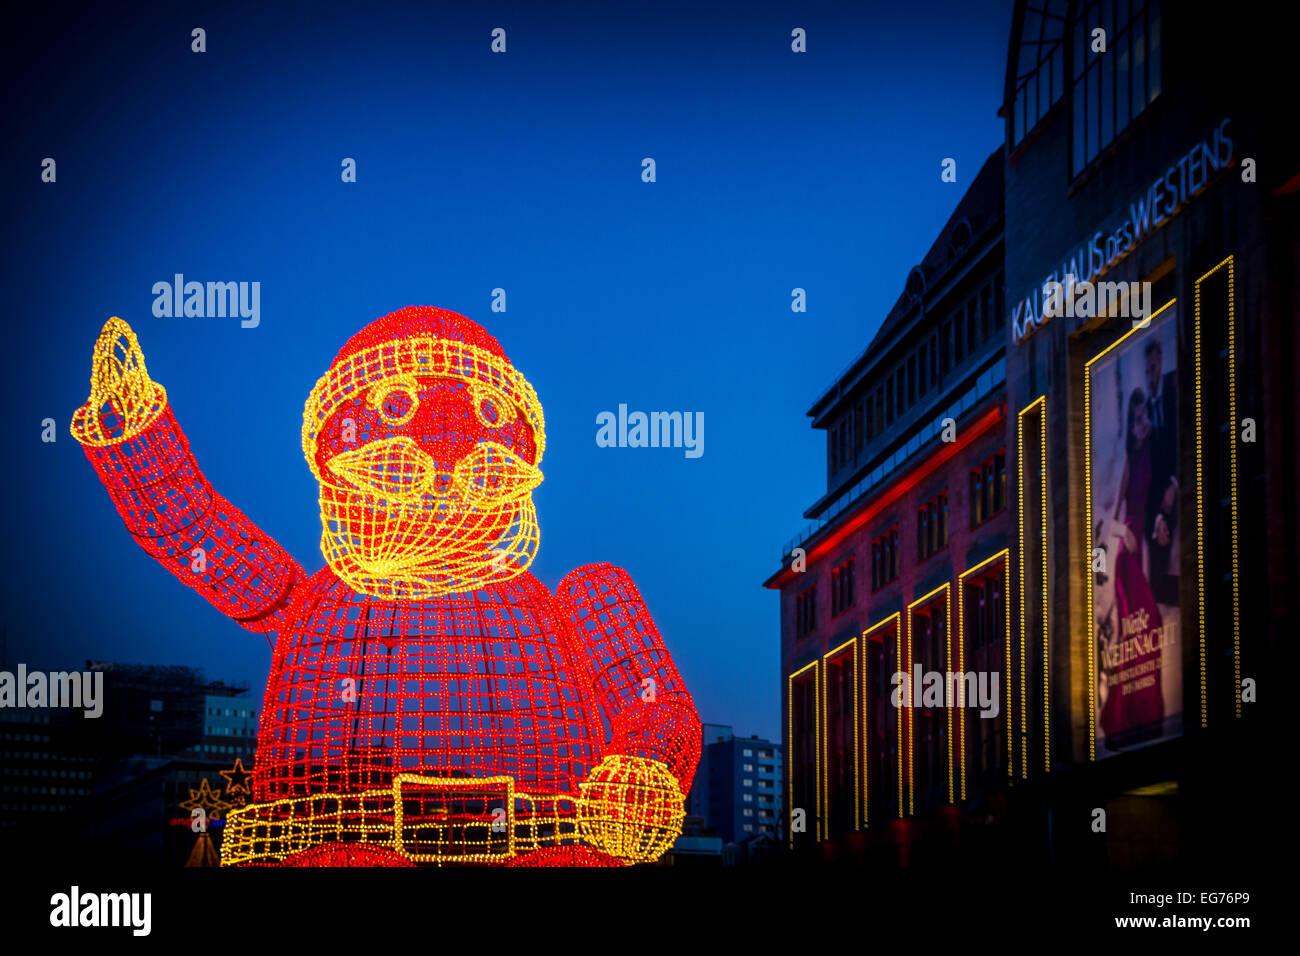 Deutschland, Berlin, beleuchtete große Skulptur des Weihnachtsmanns Stockbild